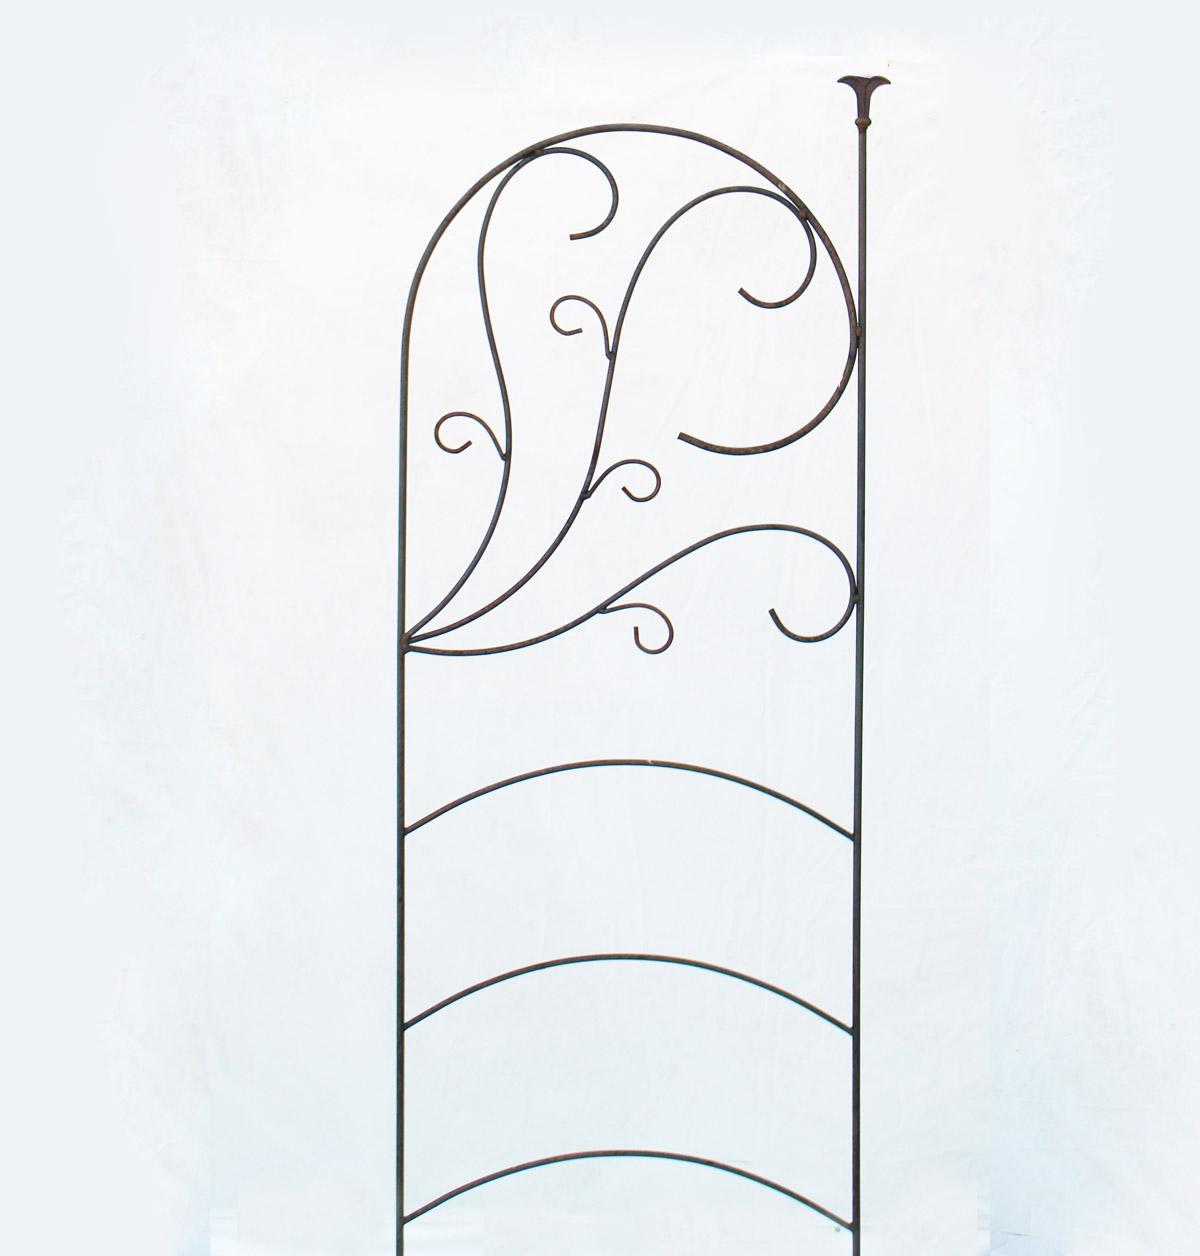 Romantisches gartengitter dekor garten for Dekor garten schirrle